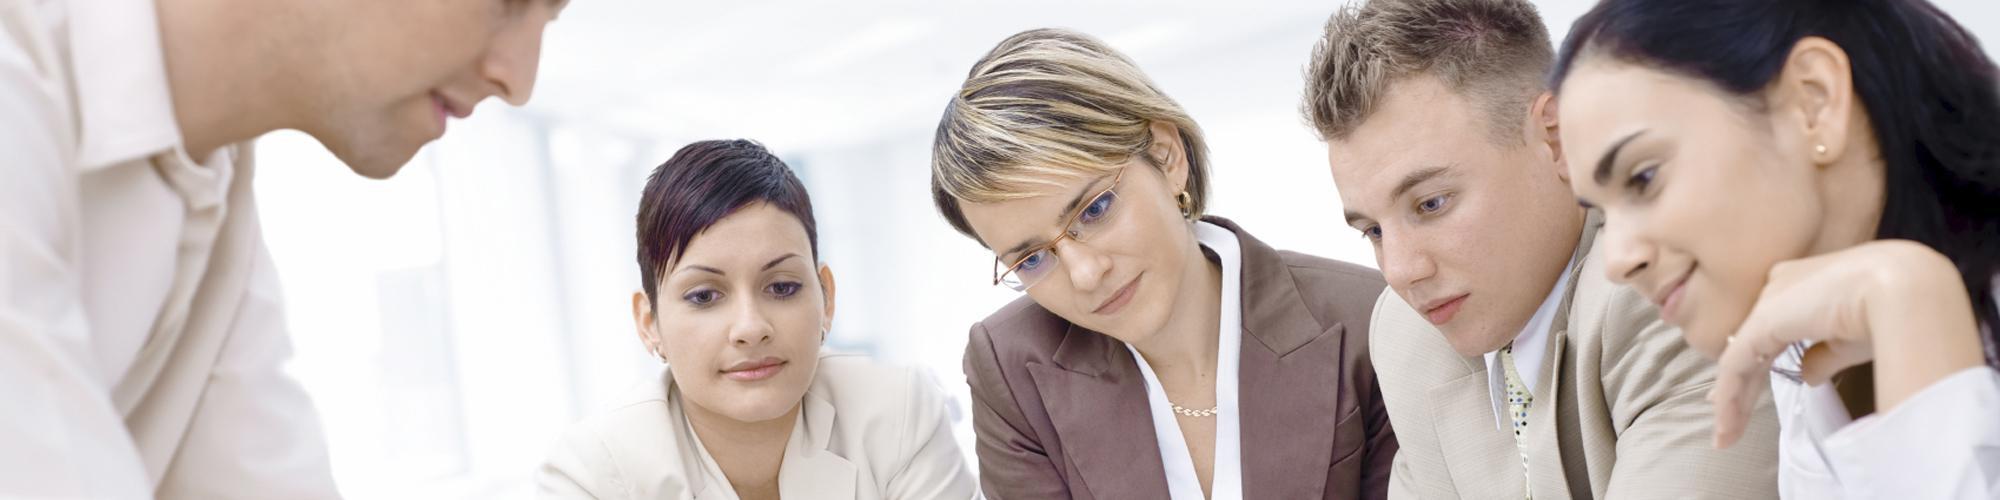 Formation personnalisée Cours particulier avec audit téléphonique